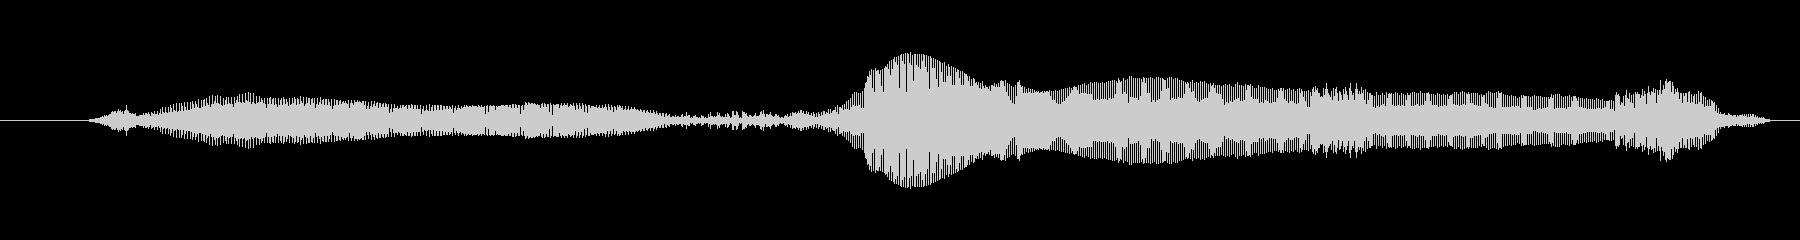 鳴き声 リトルガールプレイ01の未再生の波形